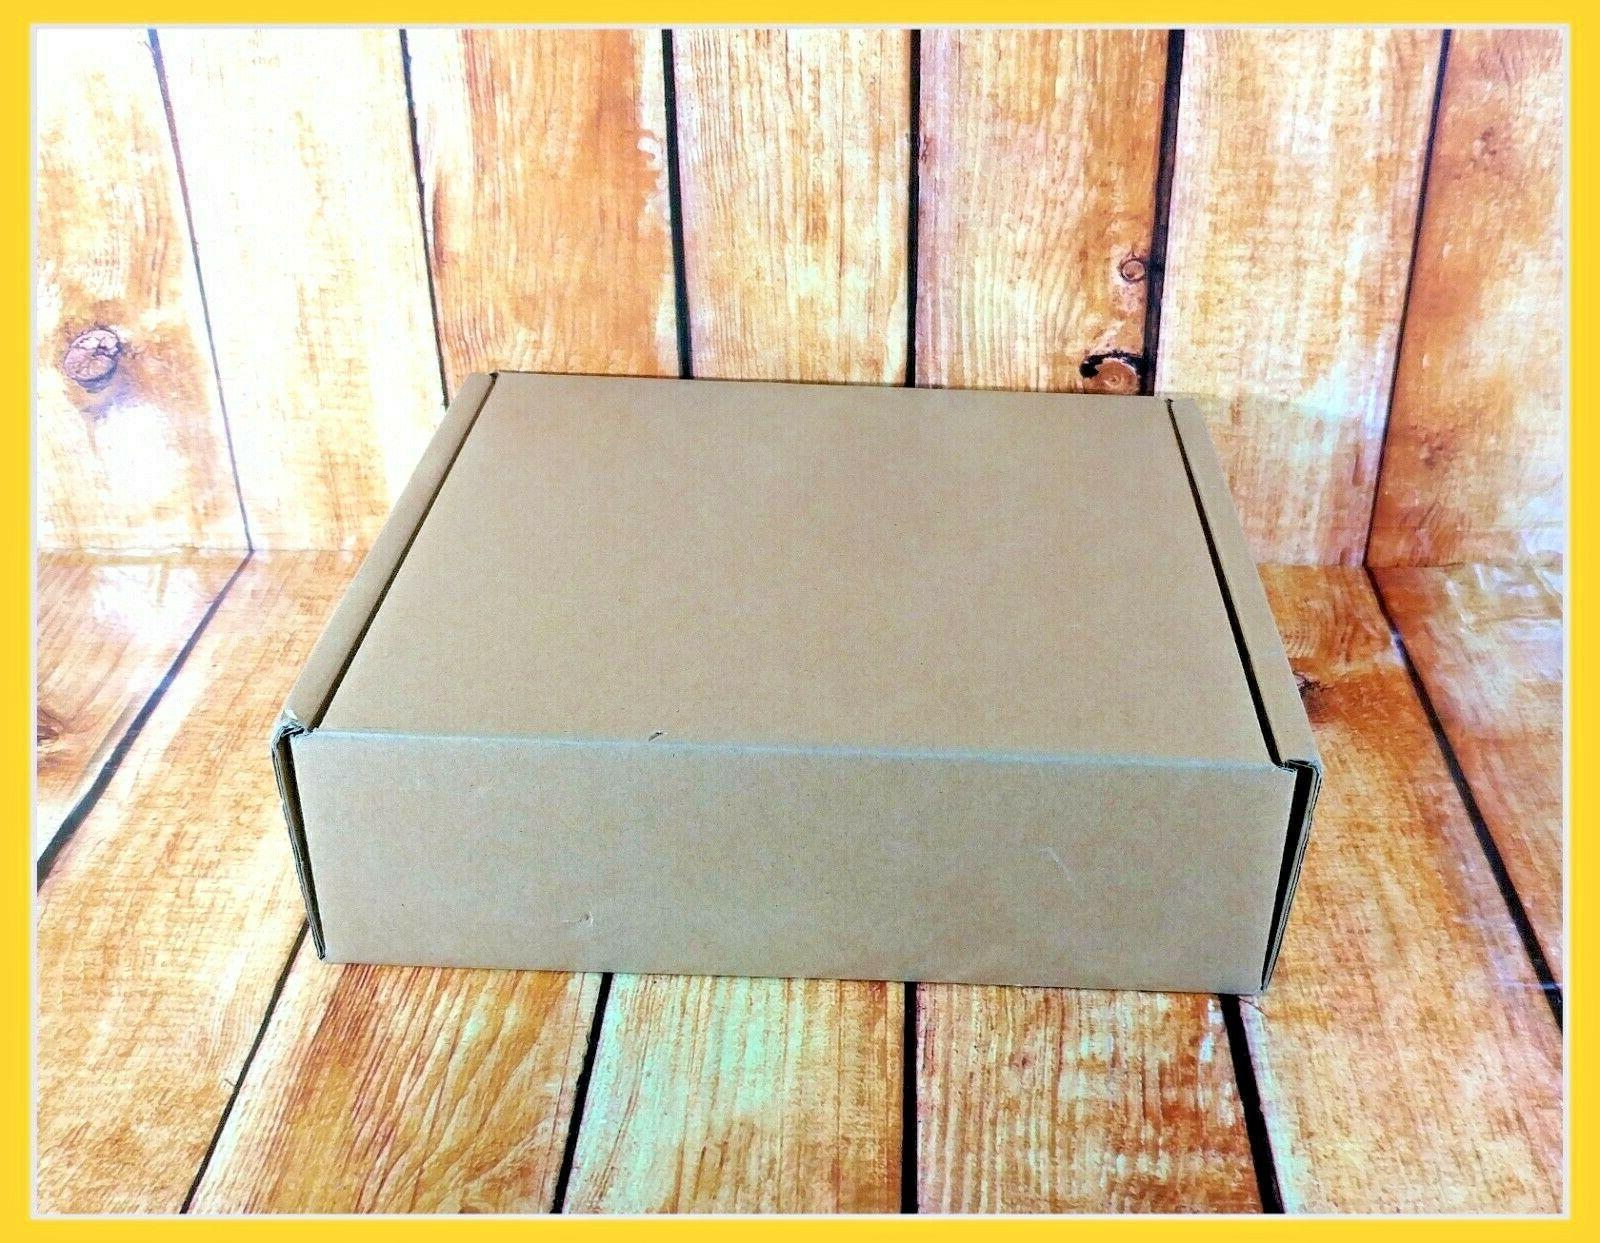 Amazon Basics A19 9 Watt 6-Pack